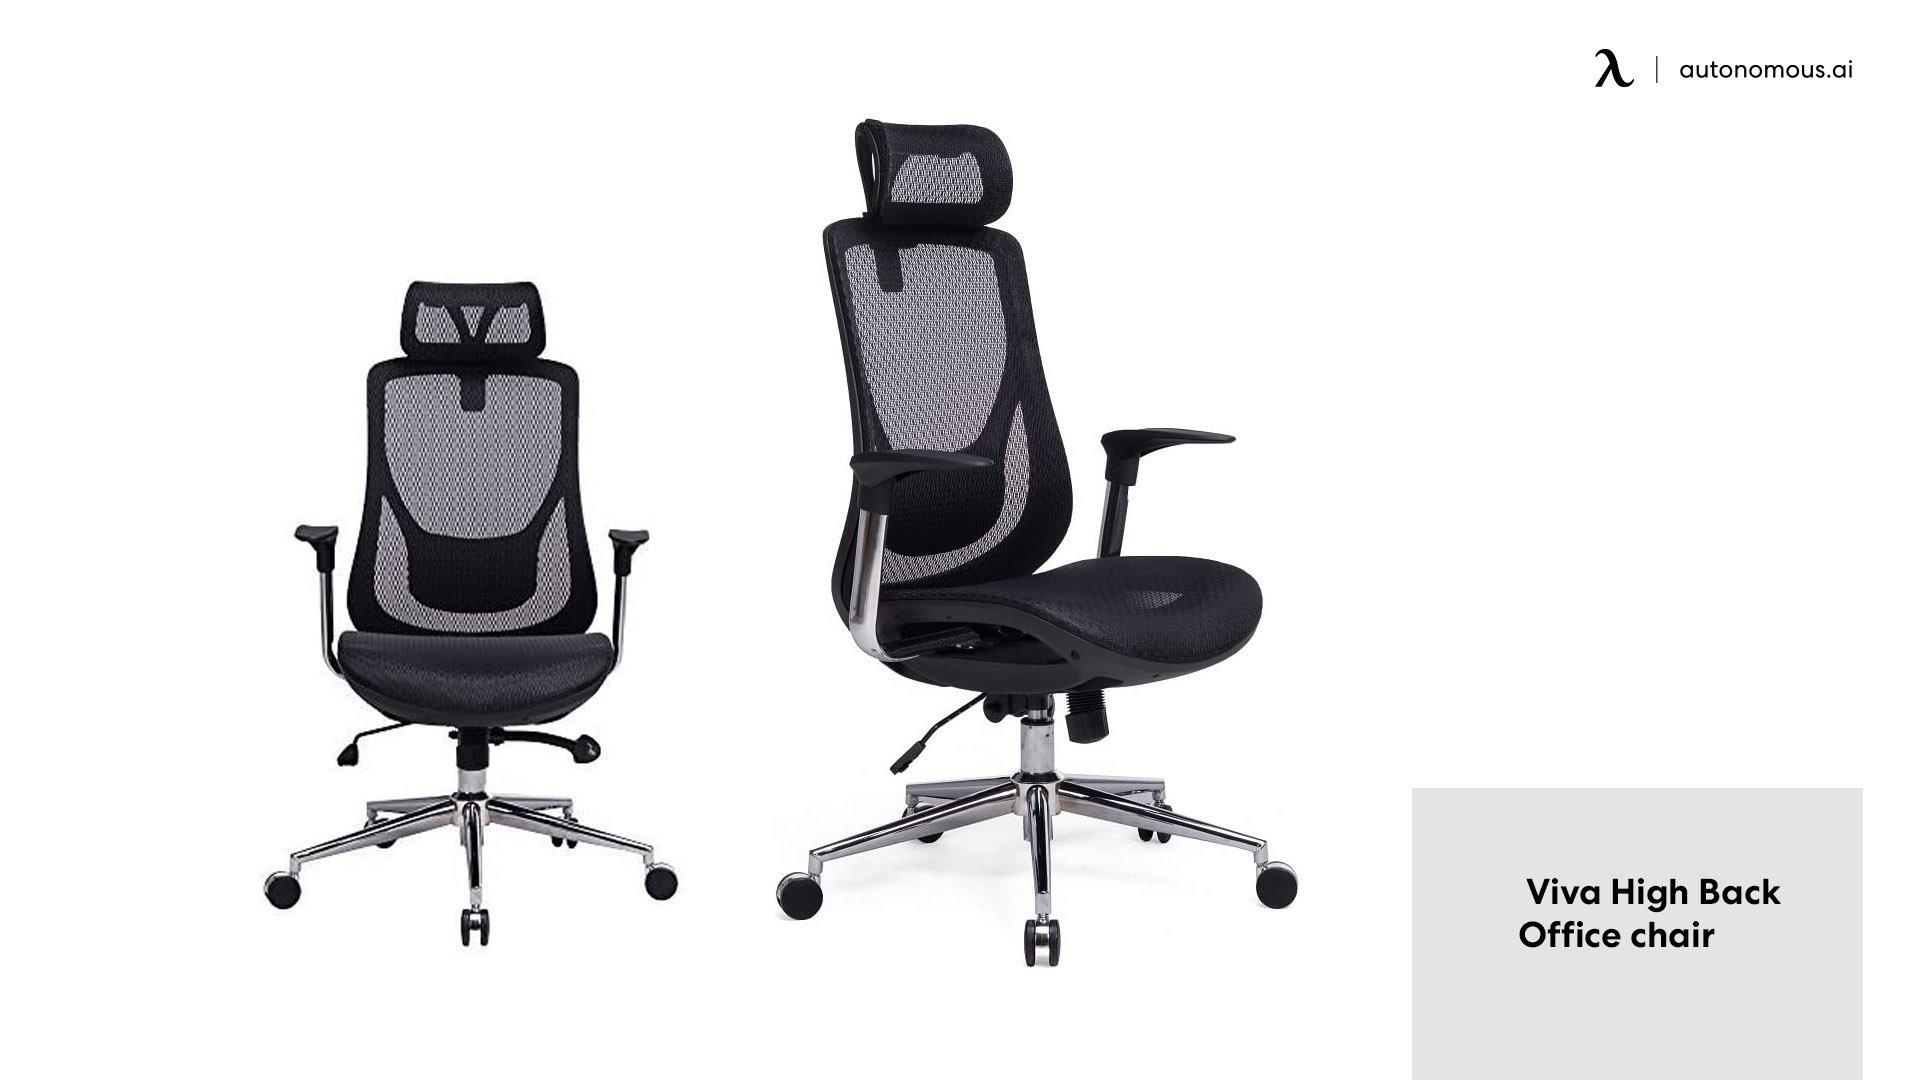 Viva High Back Office chair